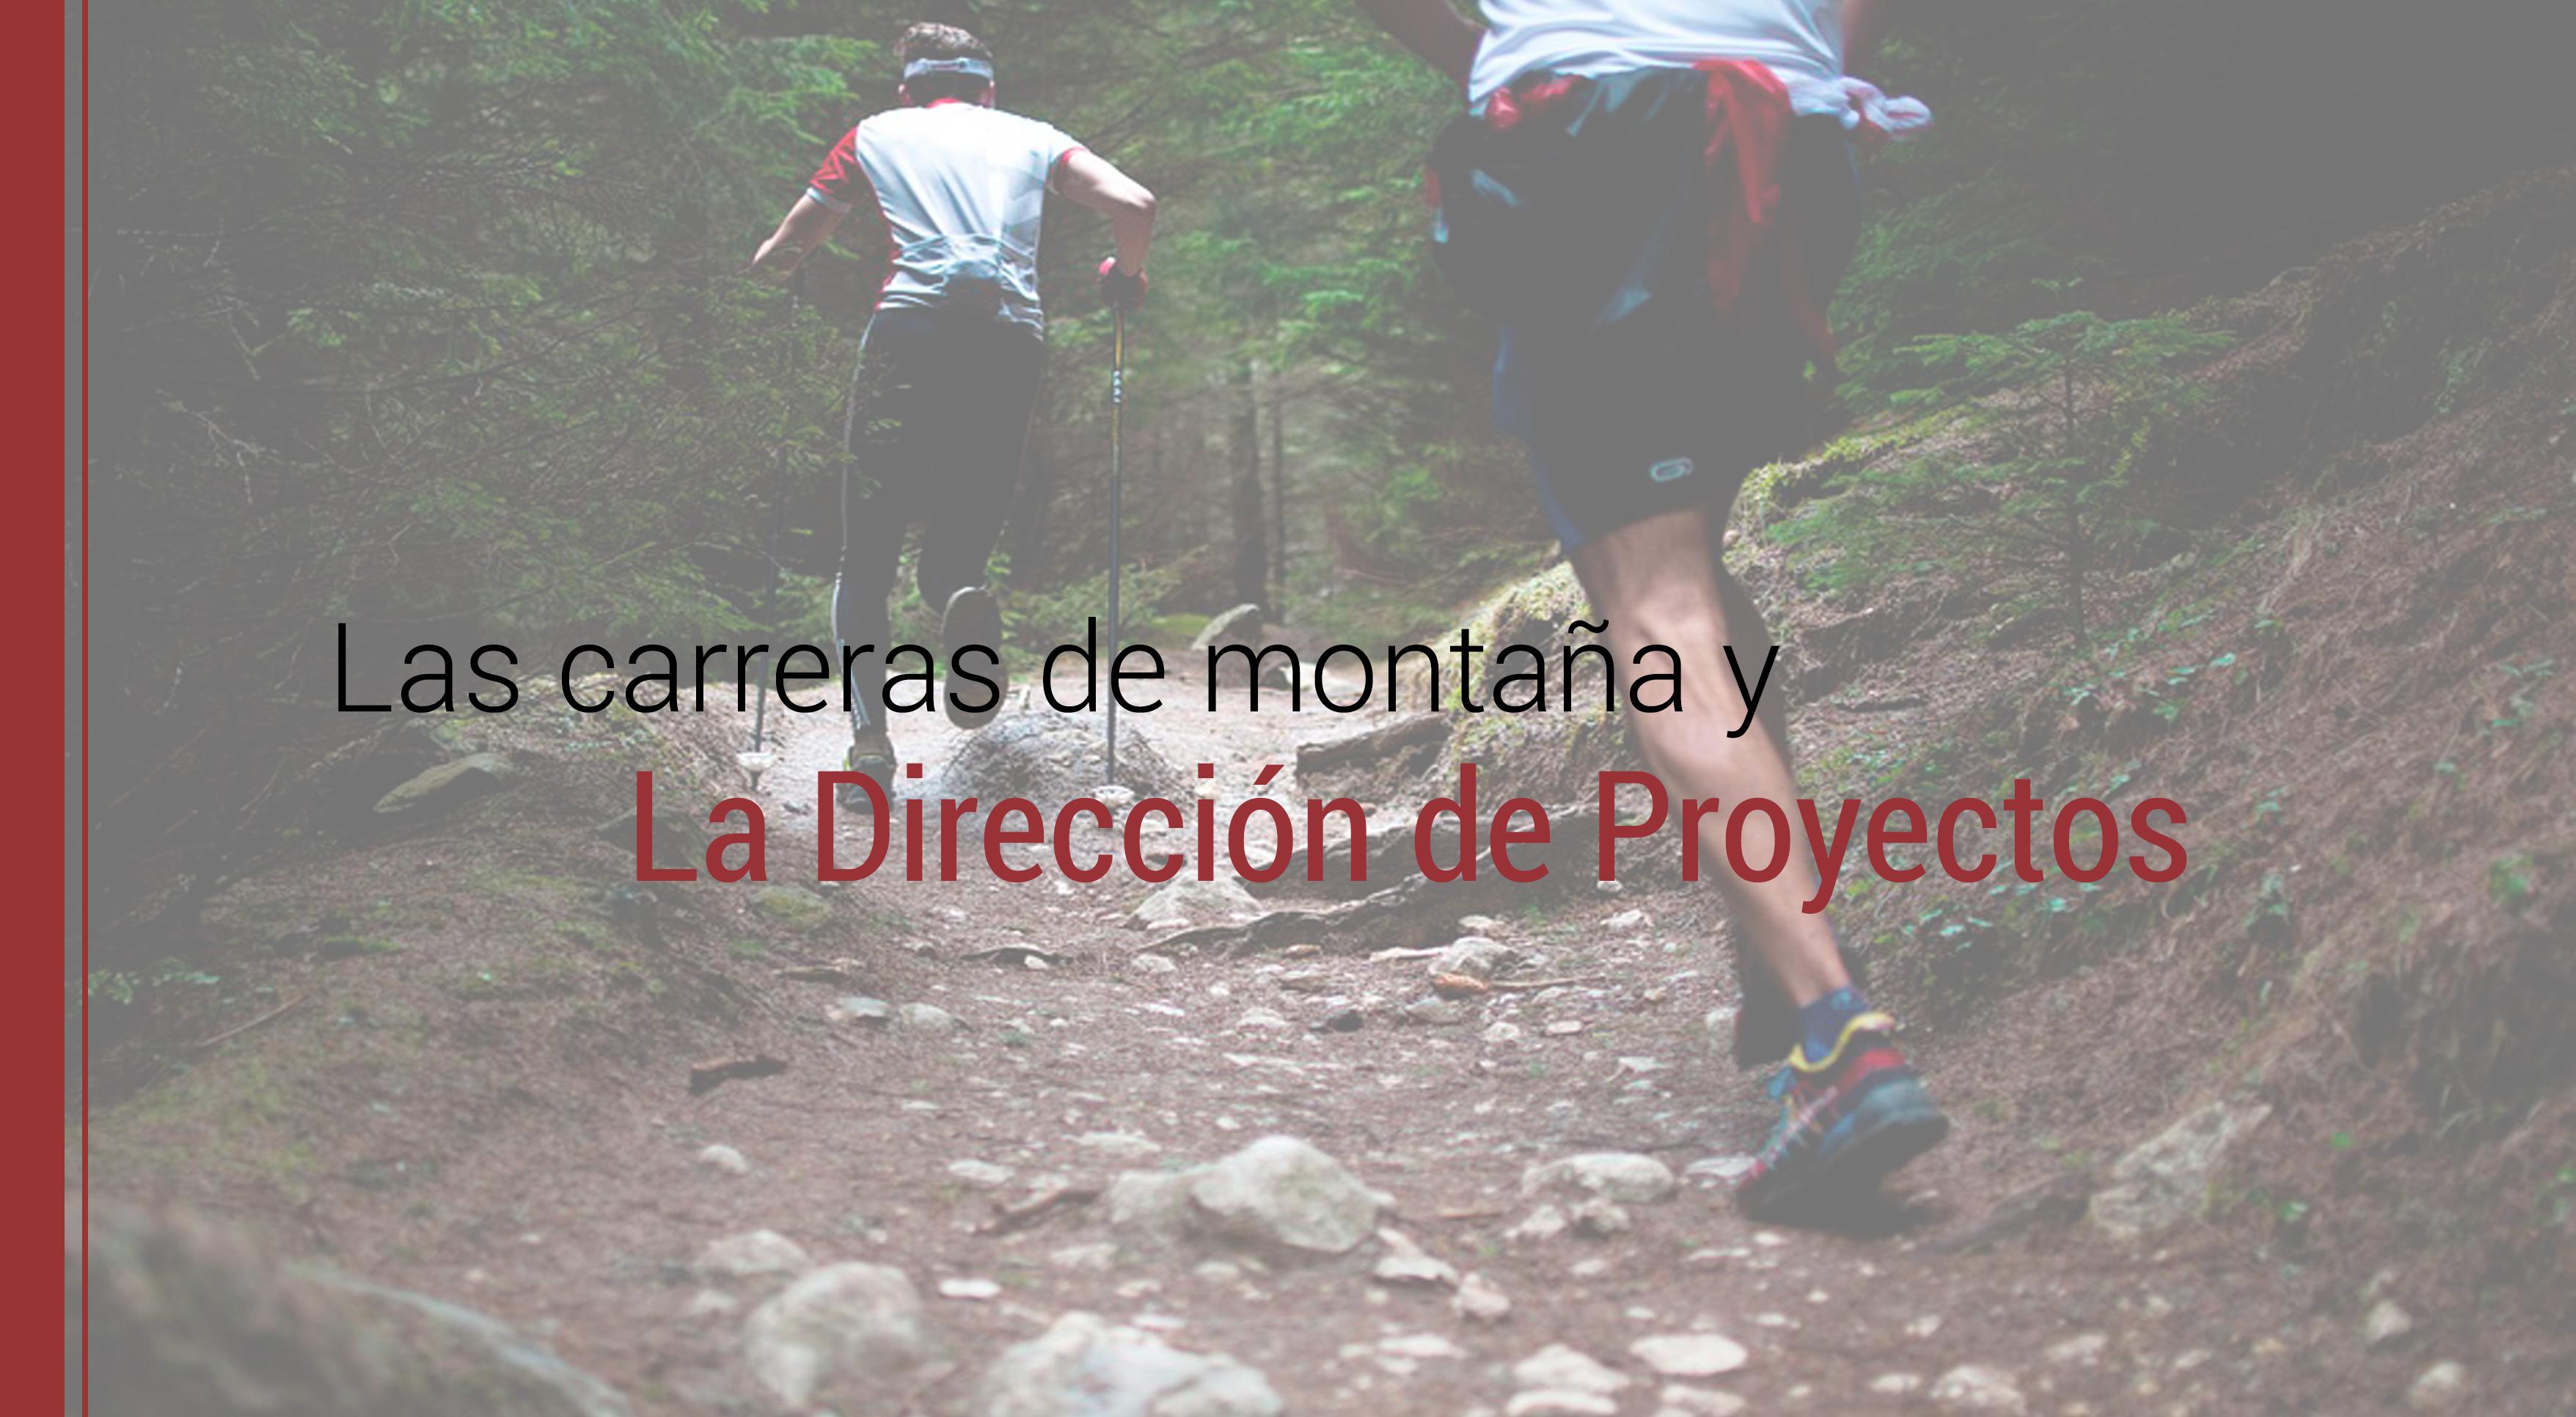 carreras-montana-direccion-de-proyectos Las carreras de montaña y las metodologías de Dirección de Proyectos